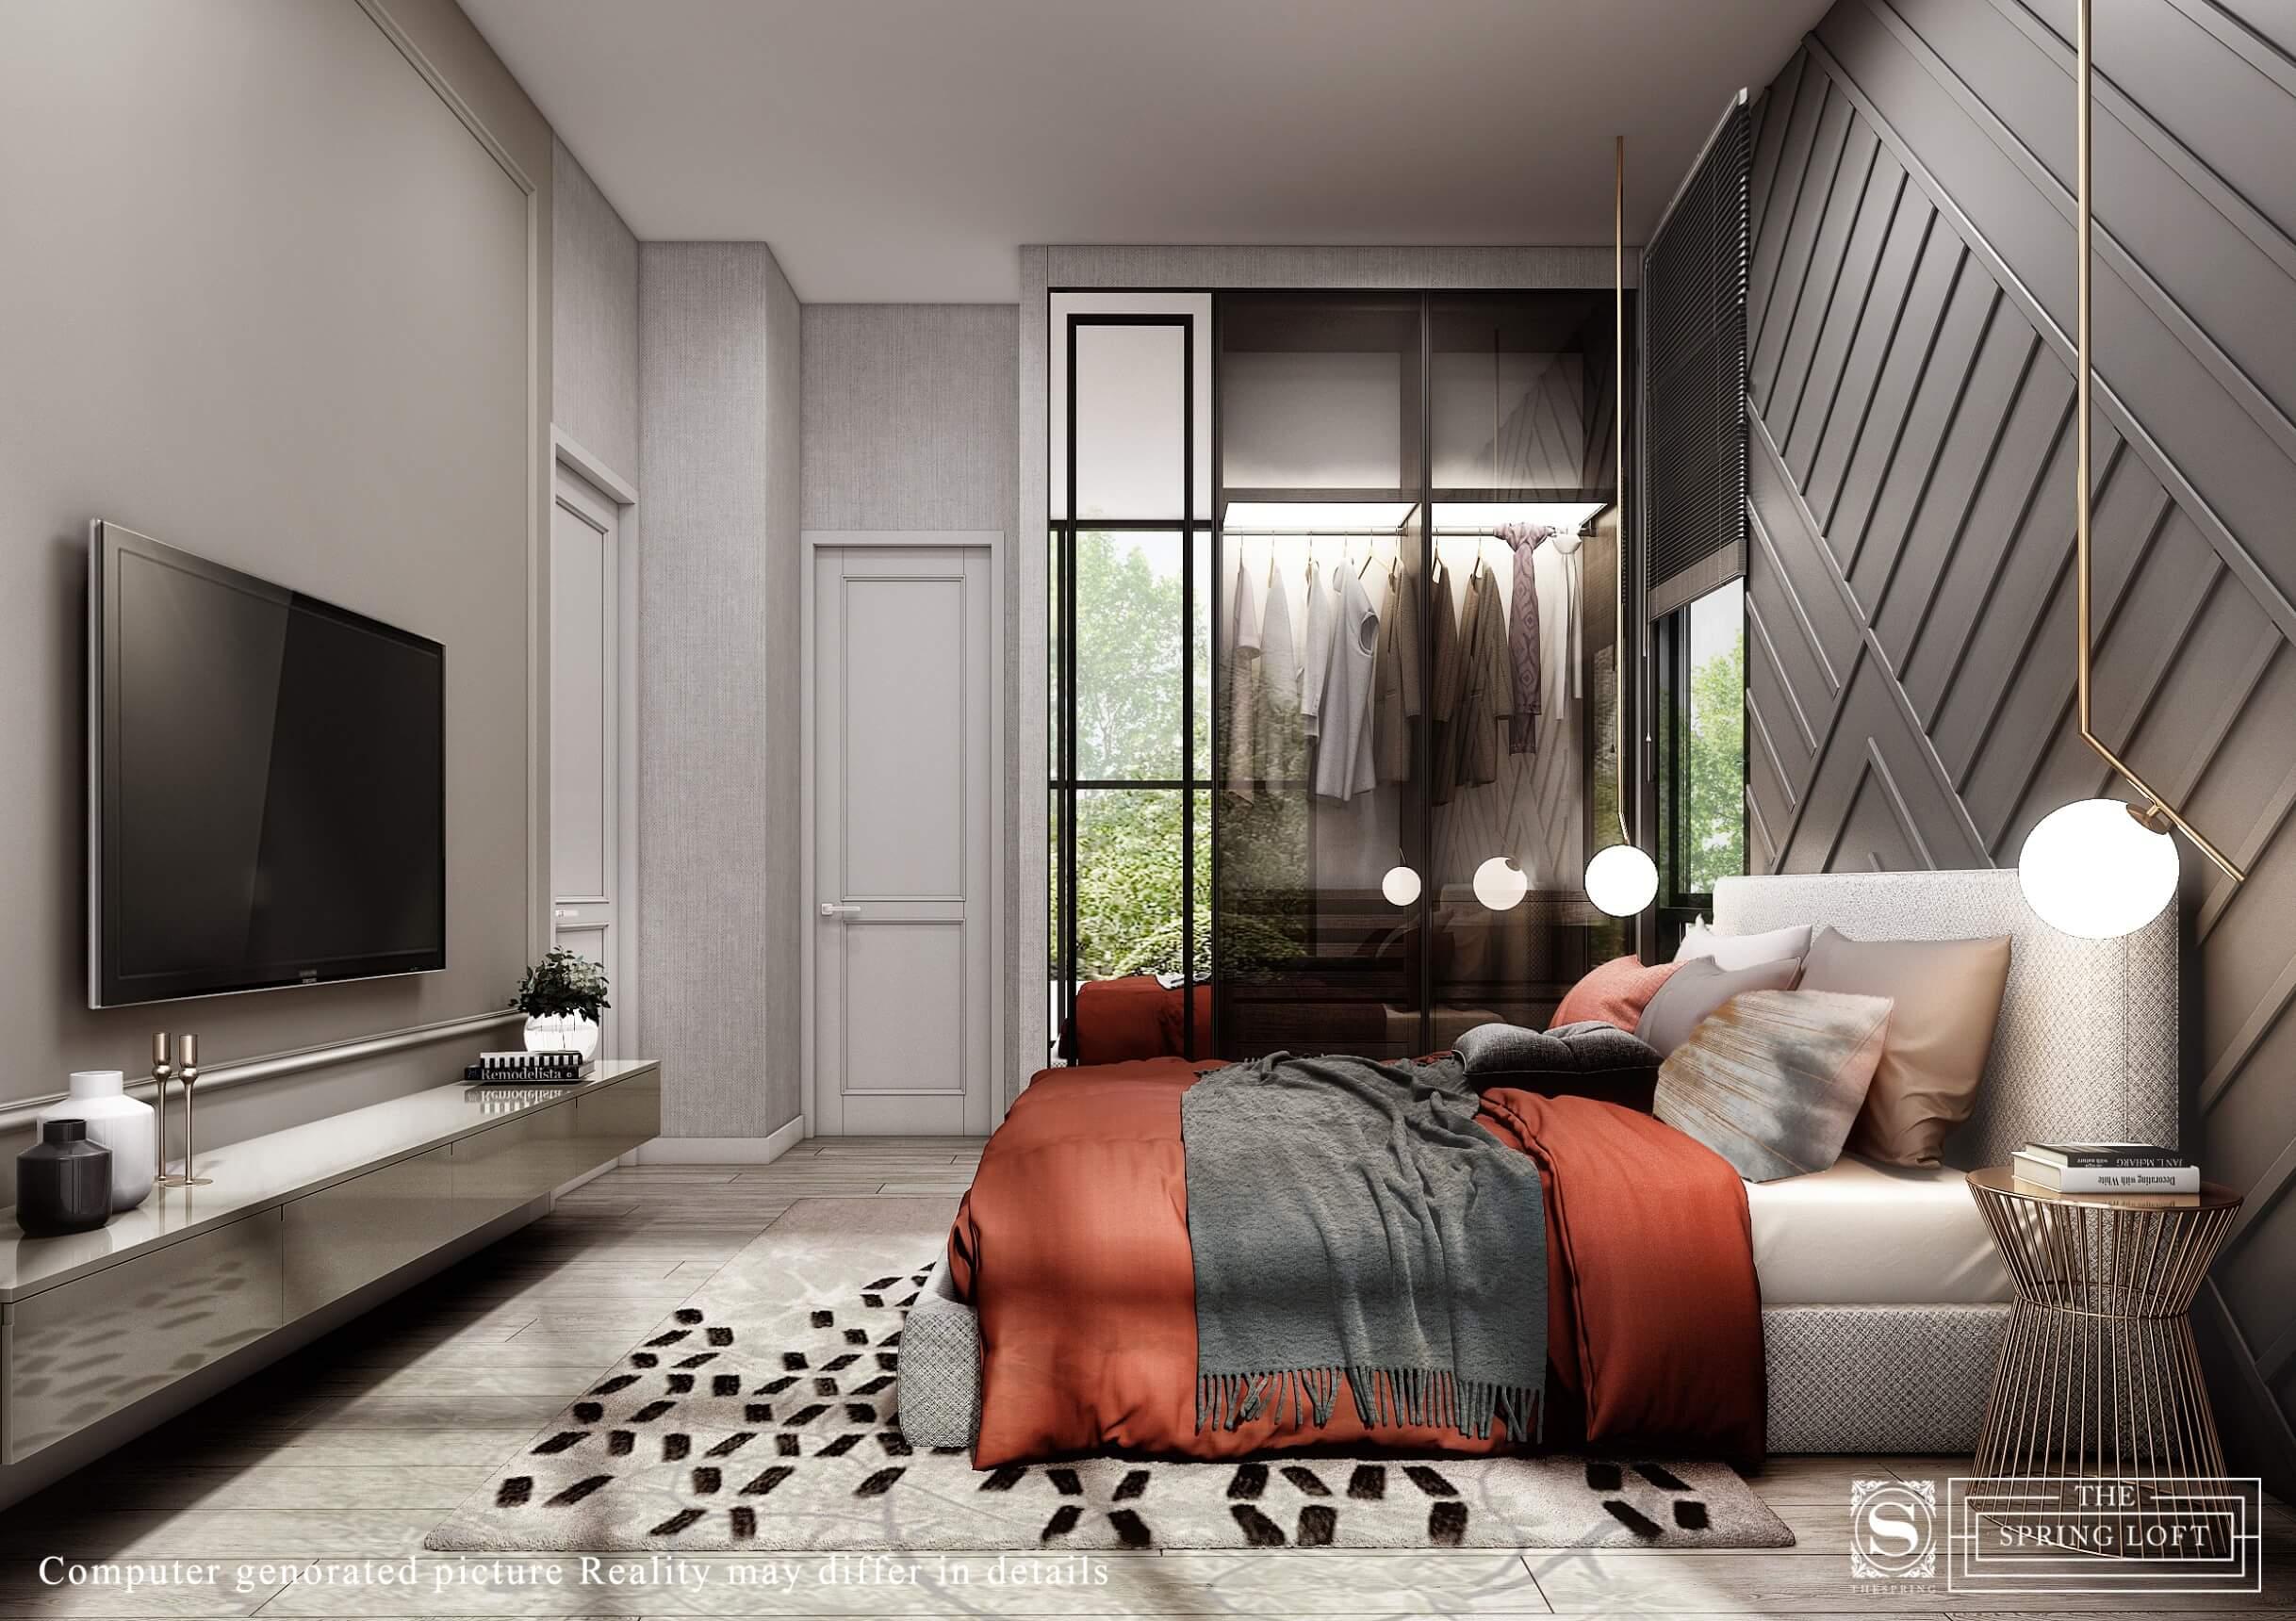 The Spring Loft 2 Bedroom